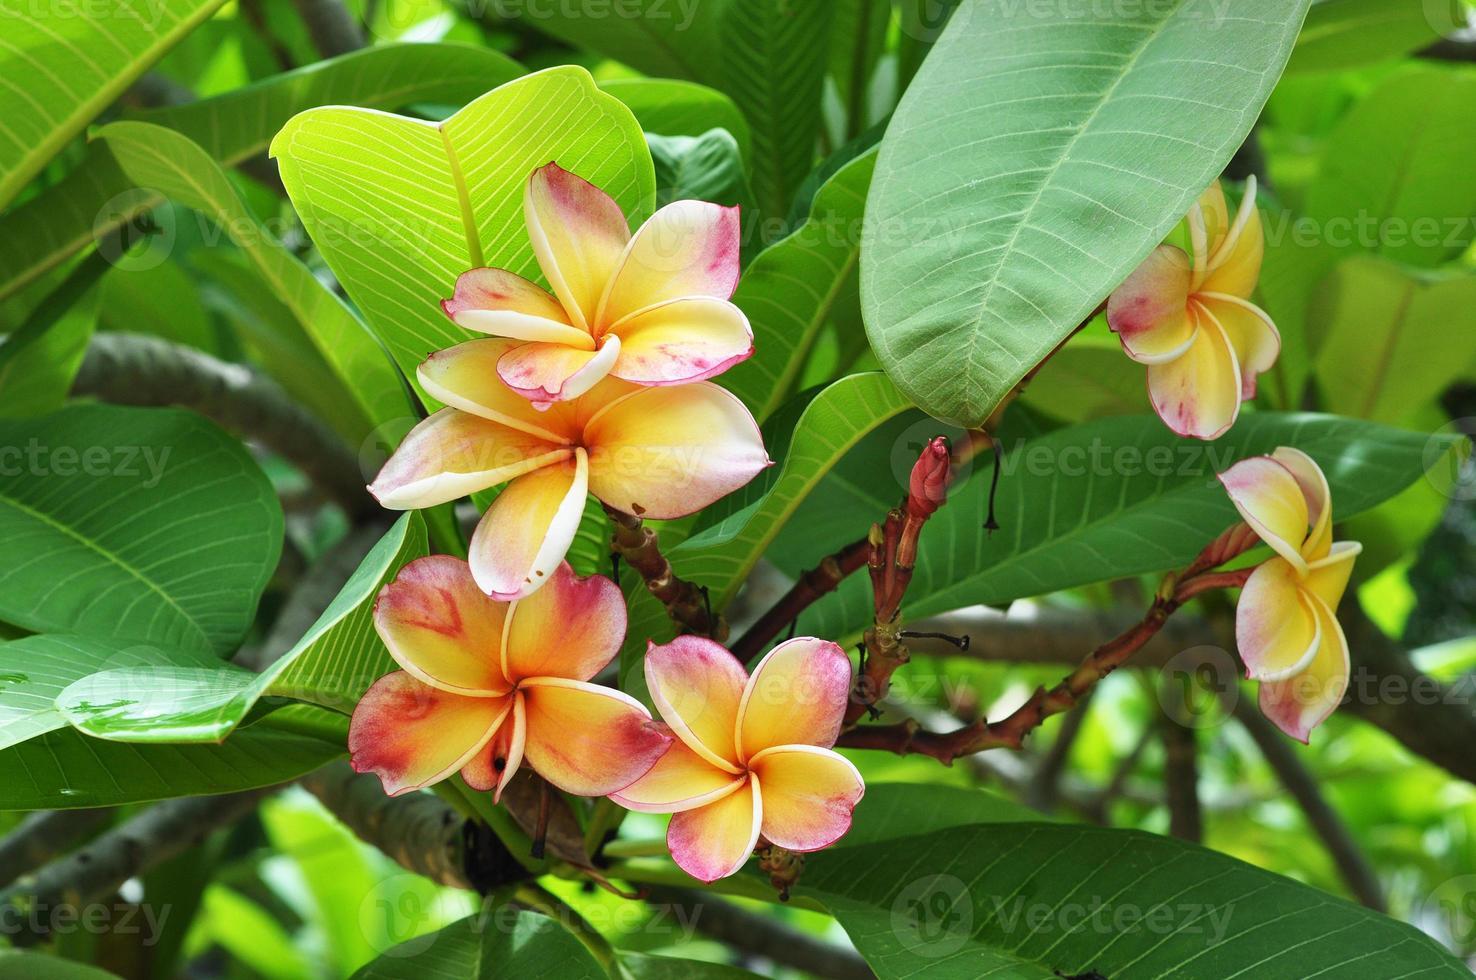 groupe, de, frangipanier, fleurs, fleurir photo